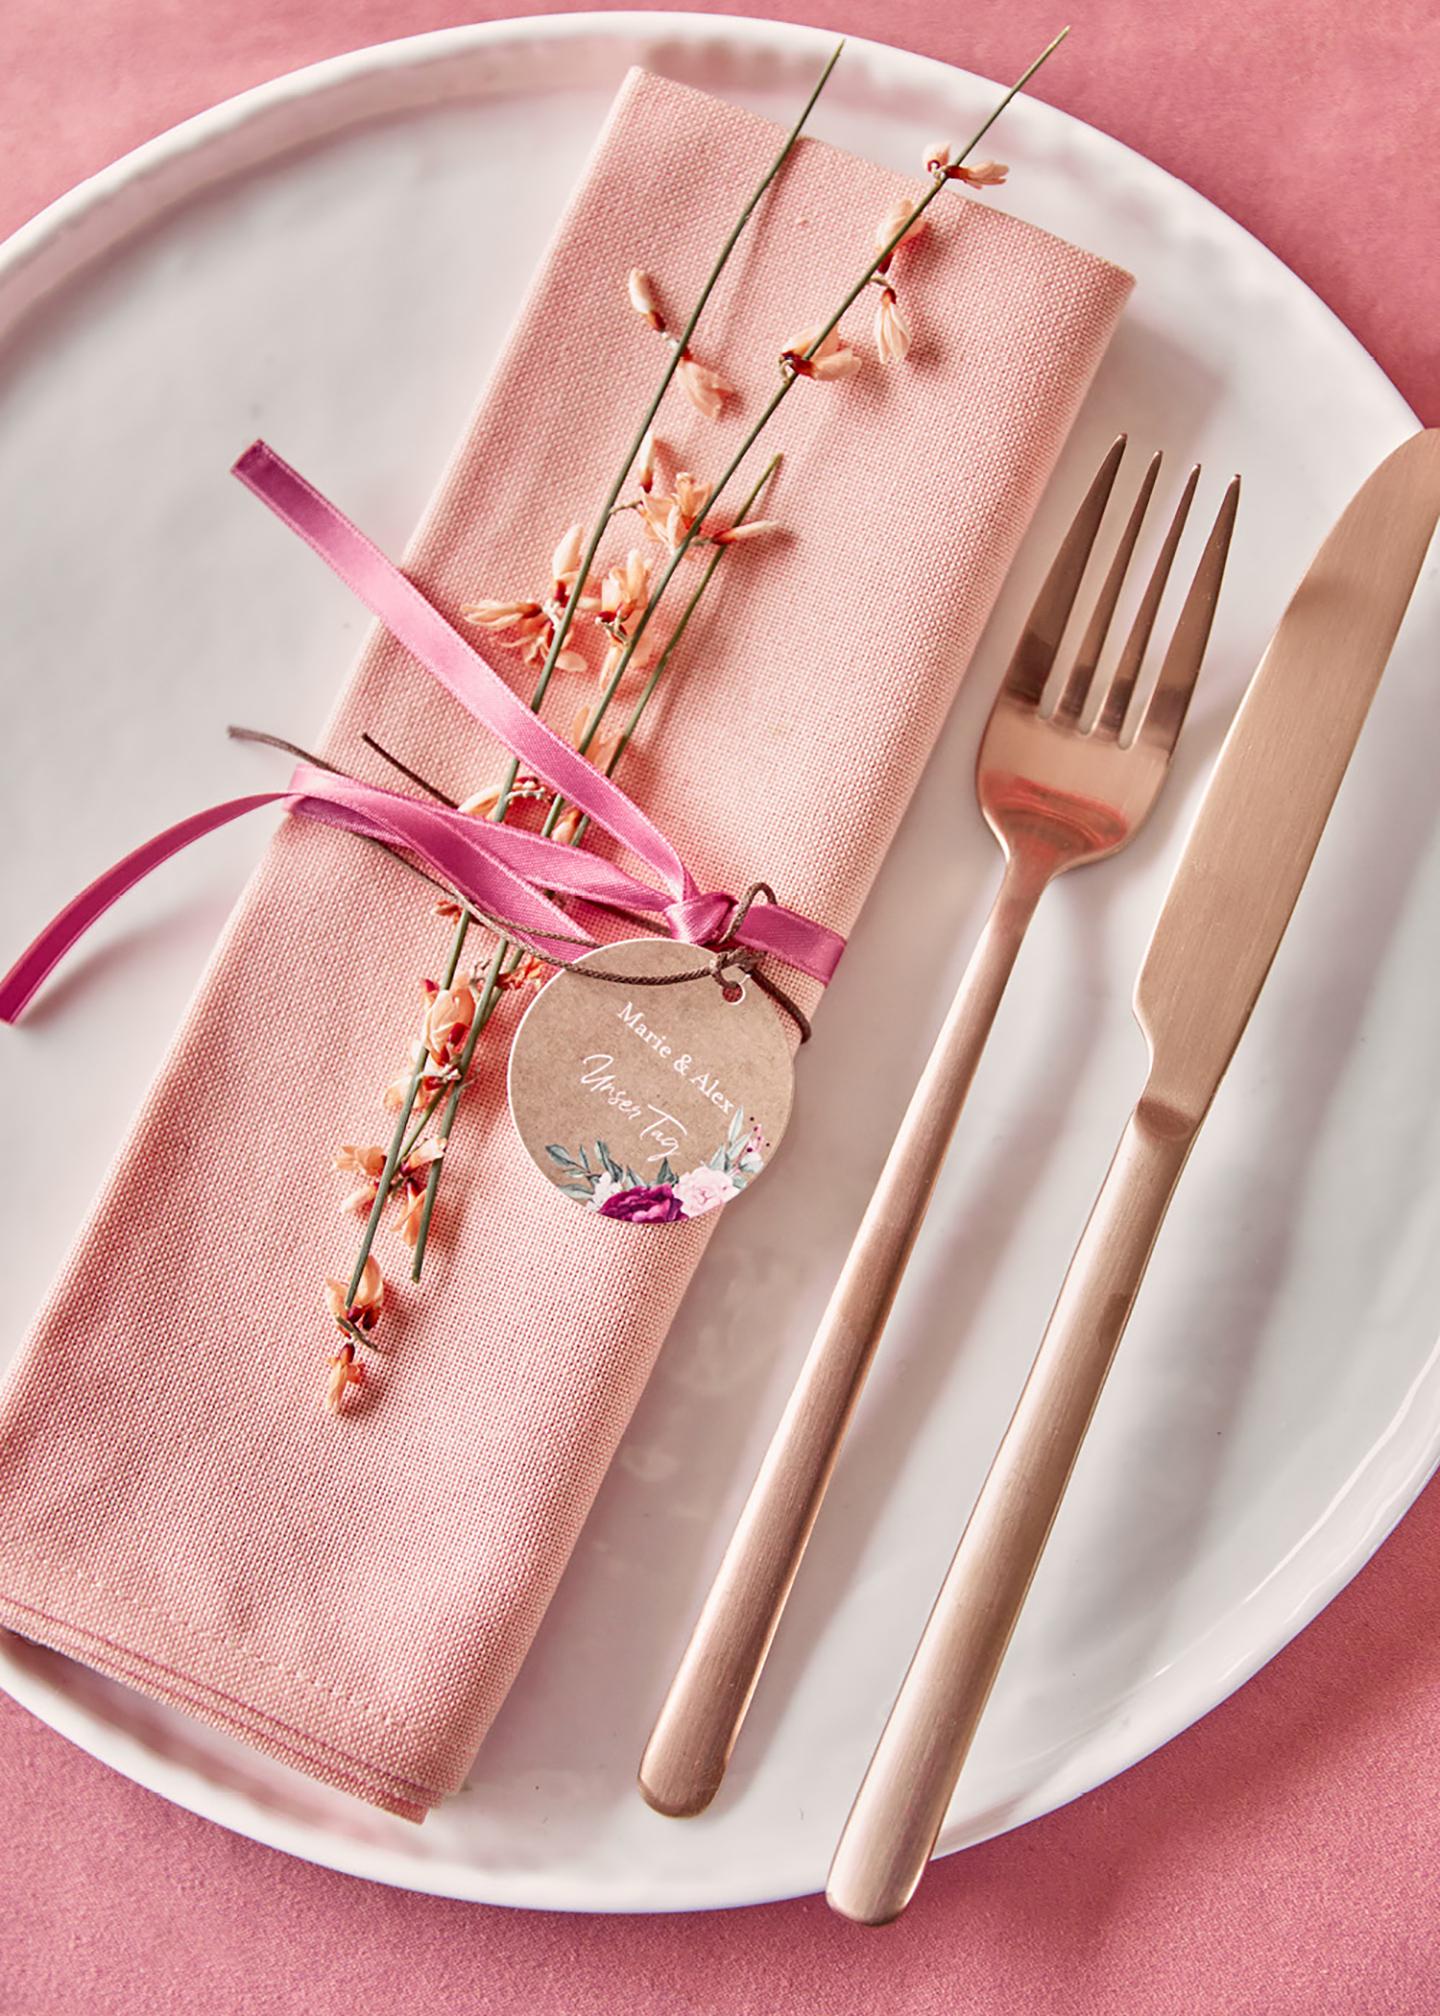 Besteck in Roségold liegt liebevoll drapiert auf dem gedeckten Teller. Die pinke Tischdeko passt wunderbar zur Serviette und der Schleife darum. Ein kleiner Zweig und ein Geschenkanhänger runden das Bild ab.